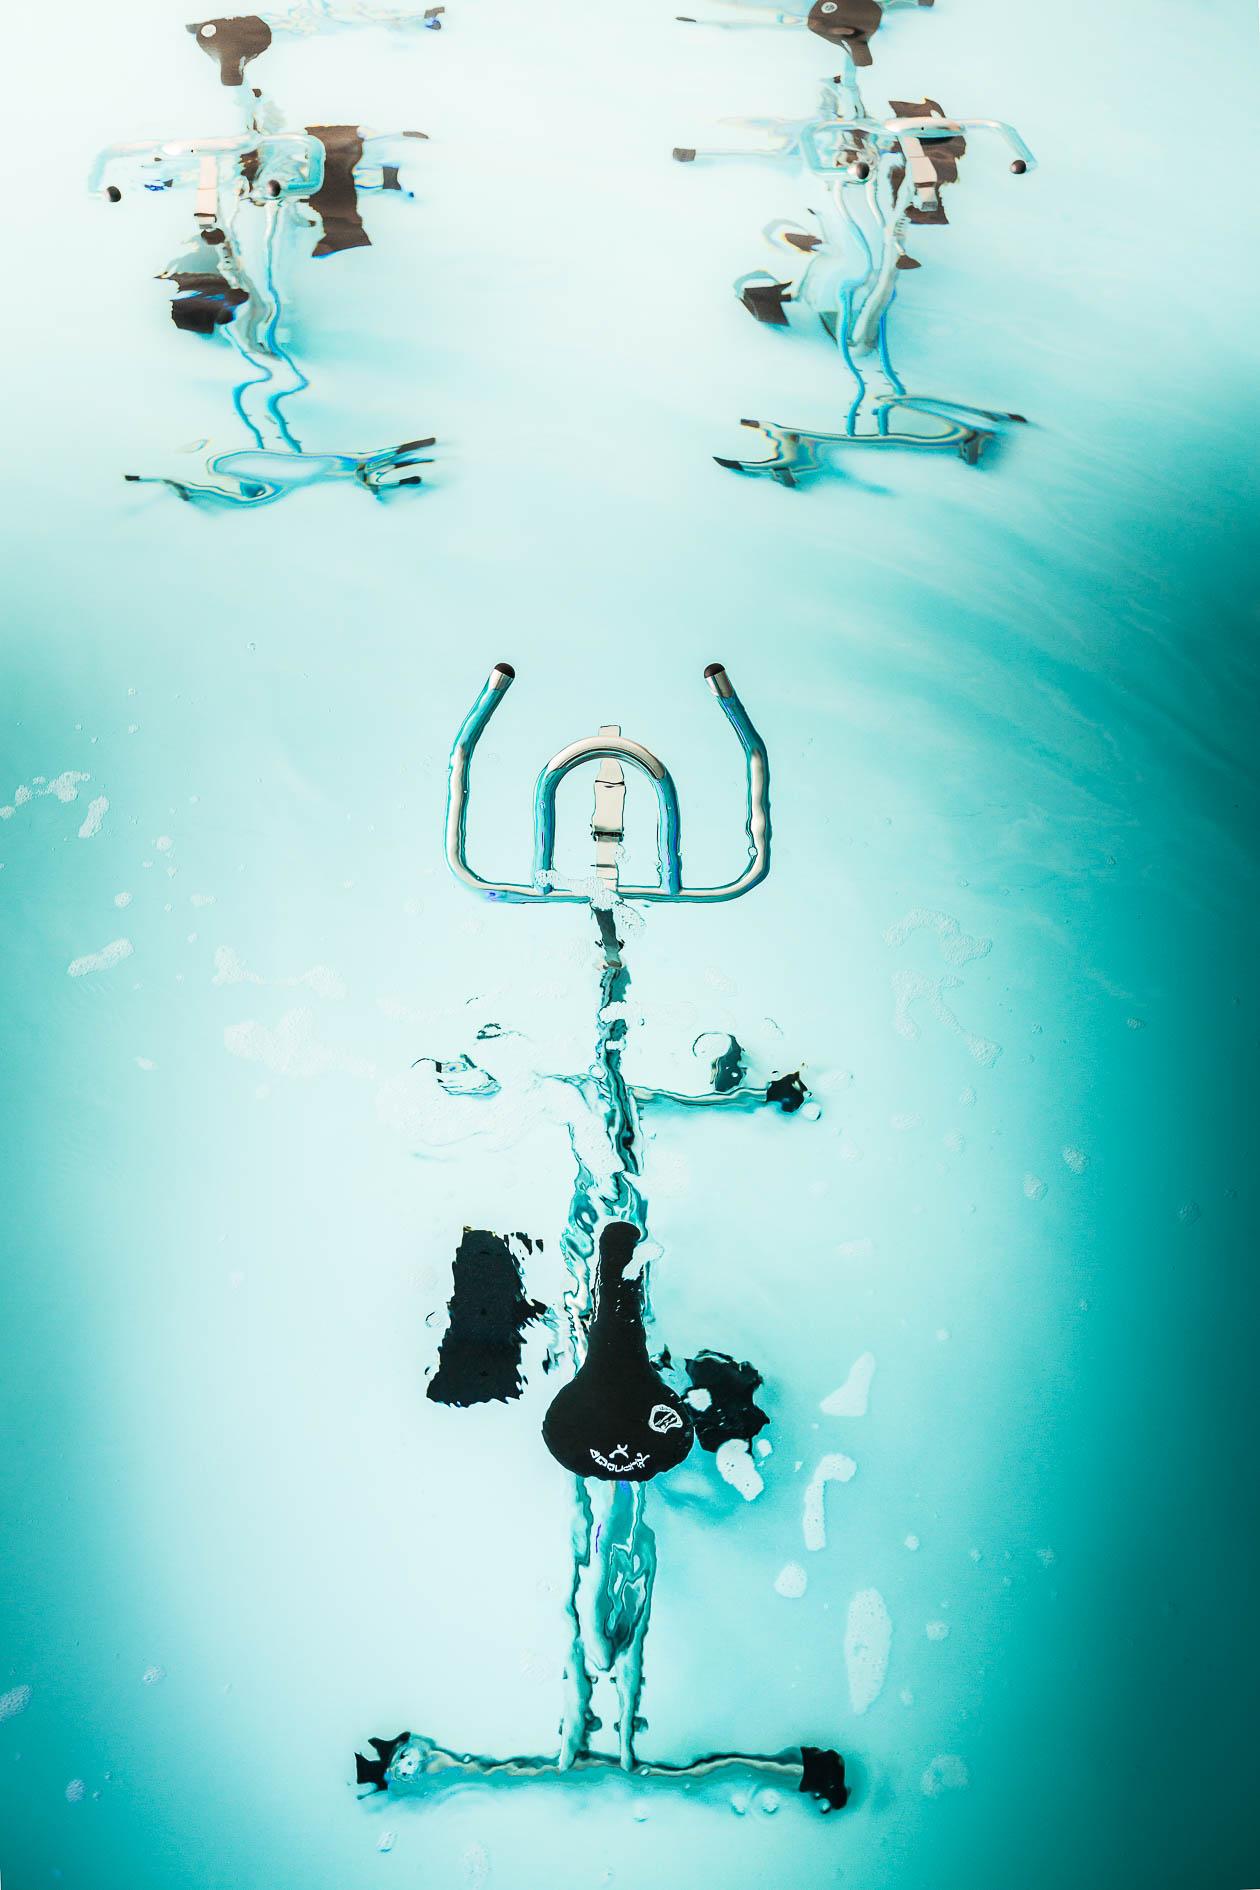 Carnet Sauvage - Blog sport lille, sowai aquasports & bien-être